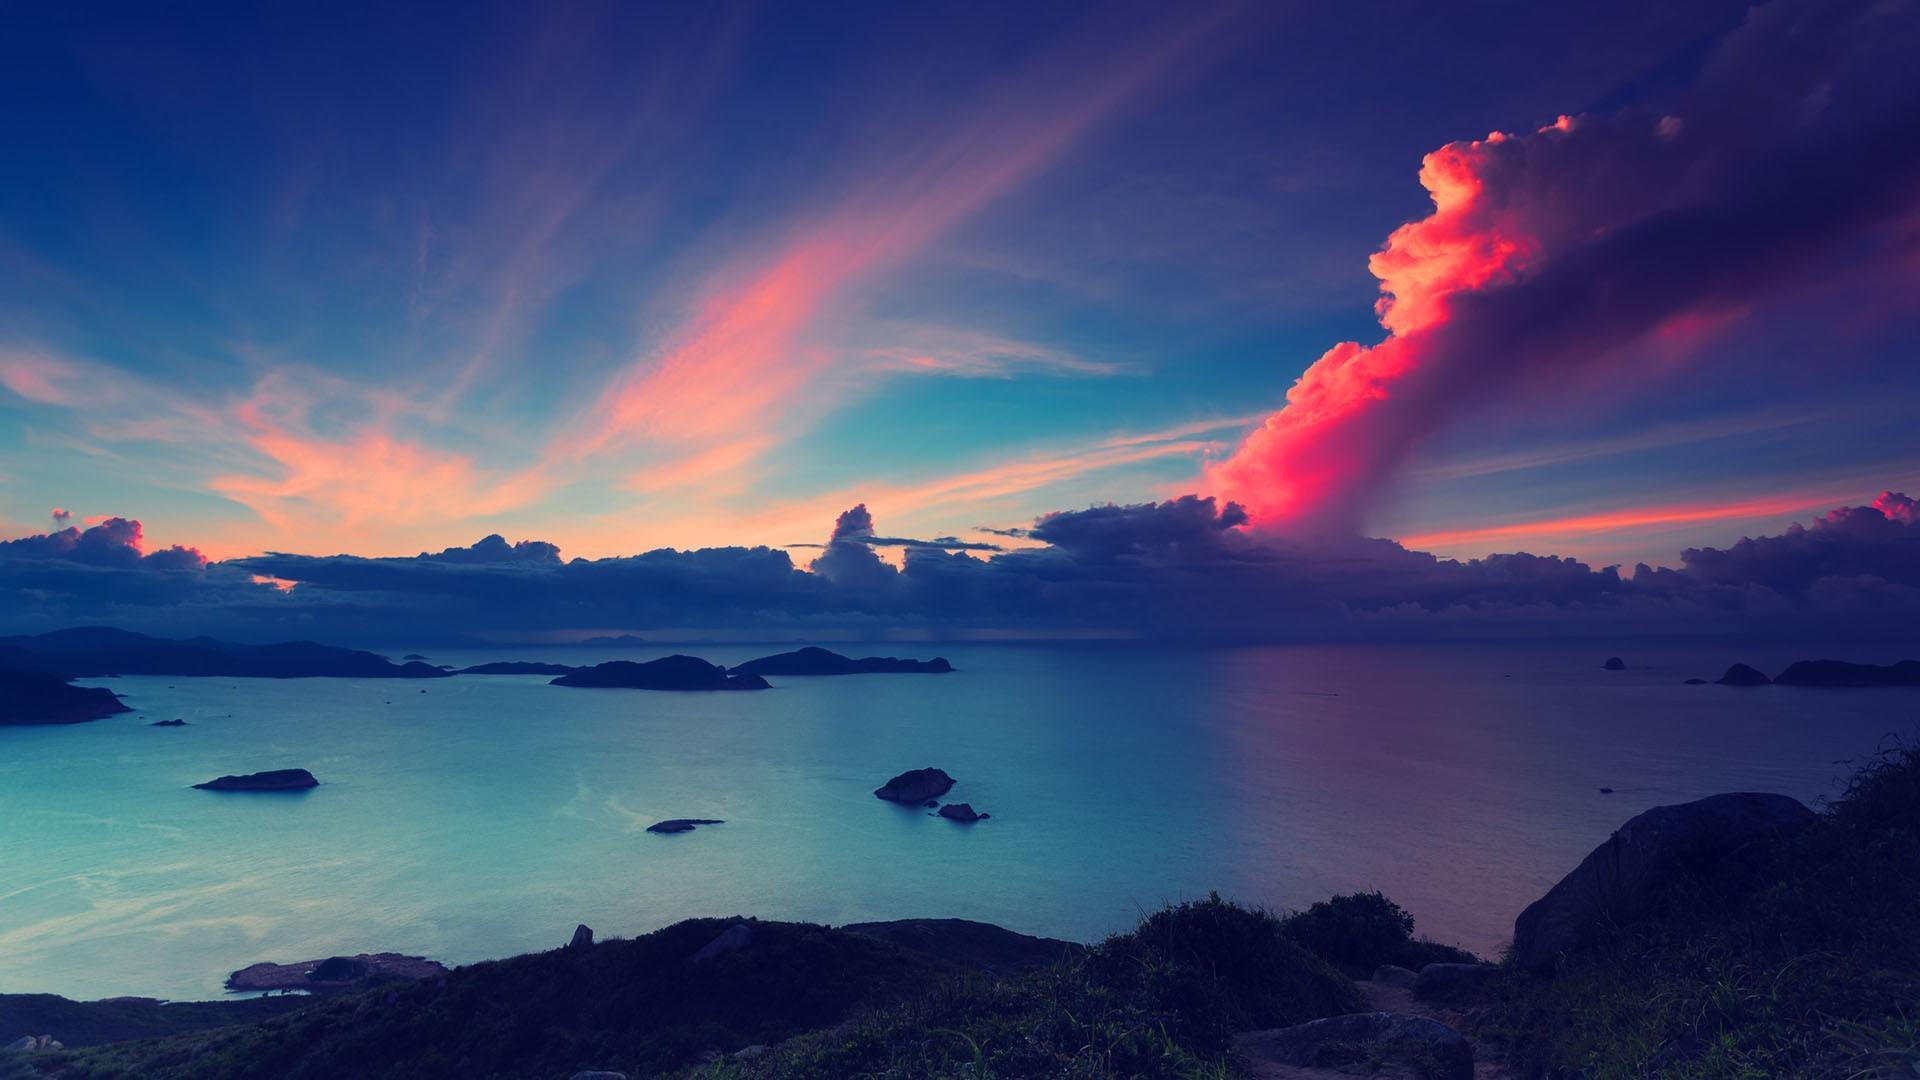 唯美湖泊风景摄影高清宽屏桌面壁纸